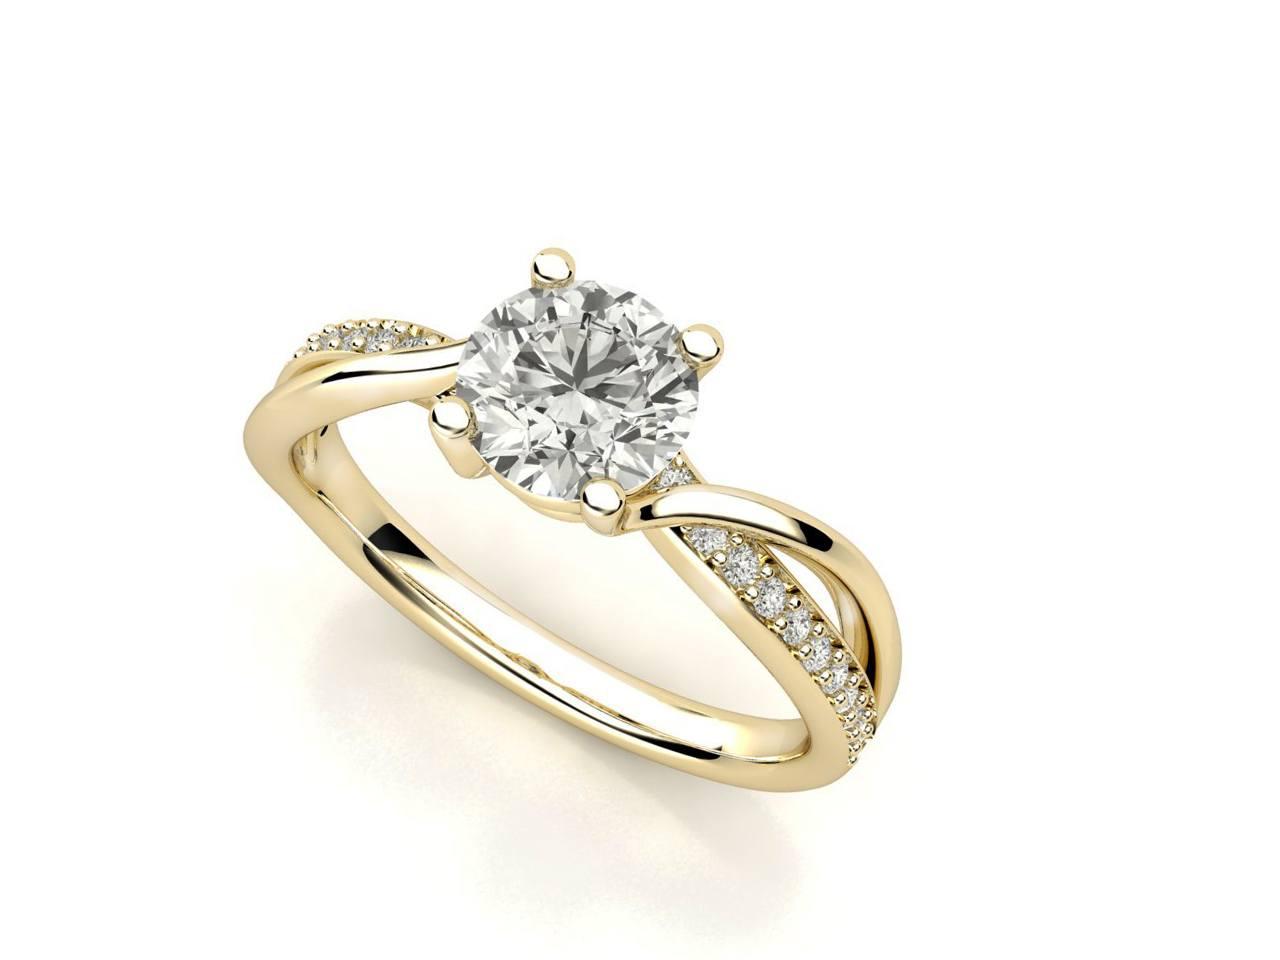 """טבעת-אירוסין-זהב-לבן-מעוצבת-אינפיניטי-טוויסט-סה""""כ-0.72-קראט-יהלומים"""